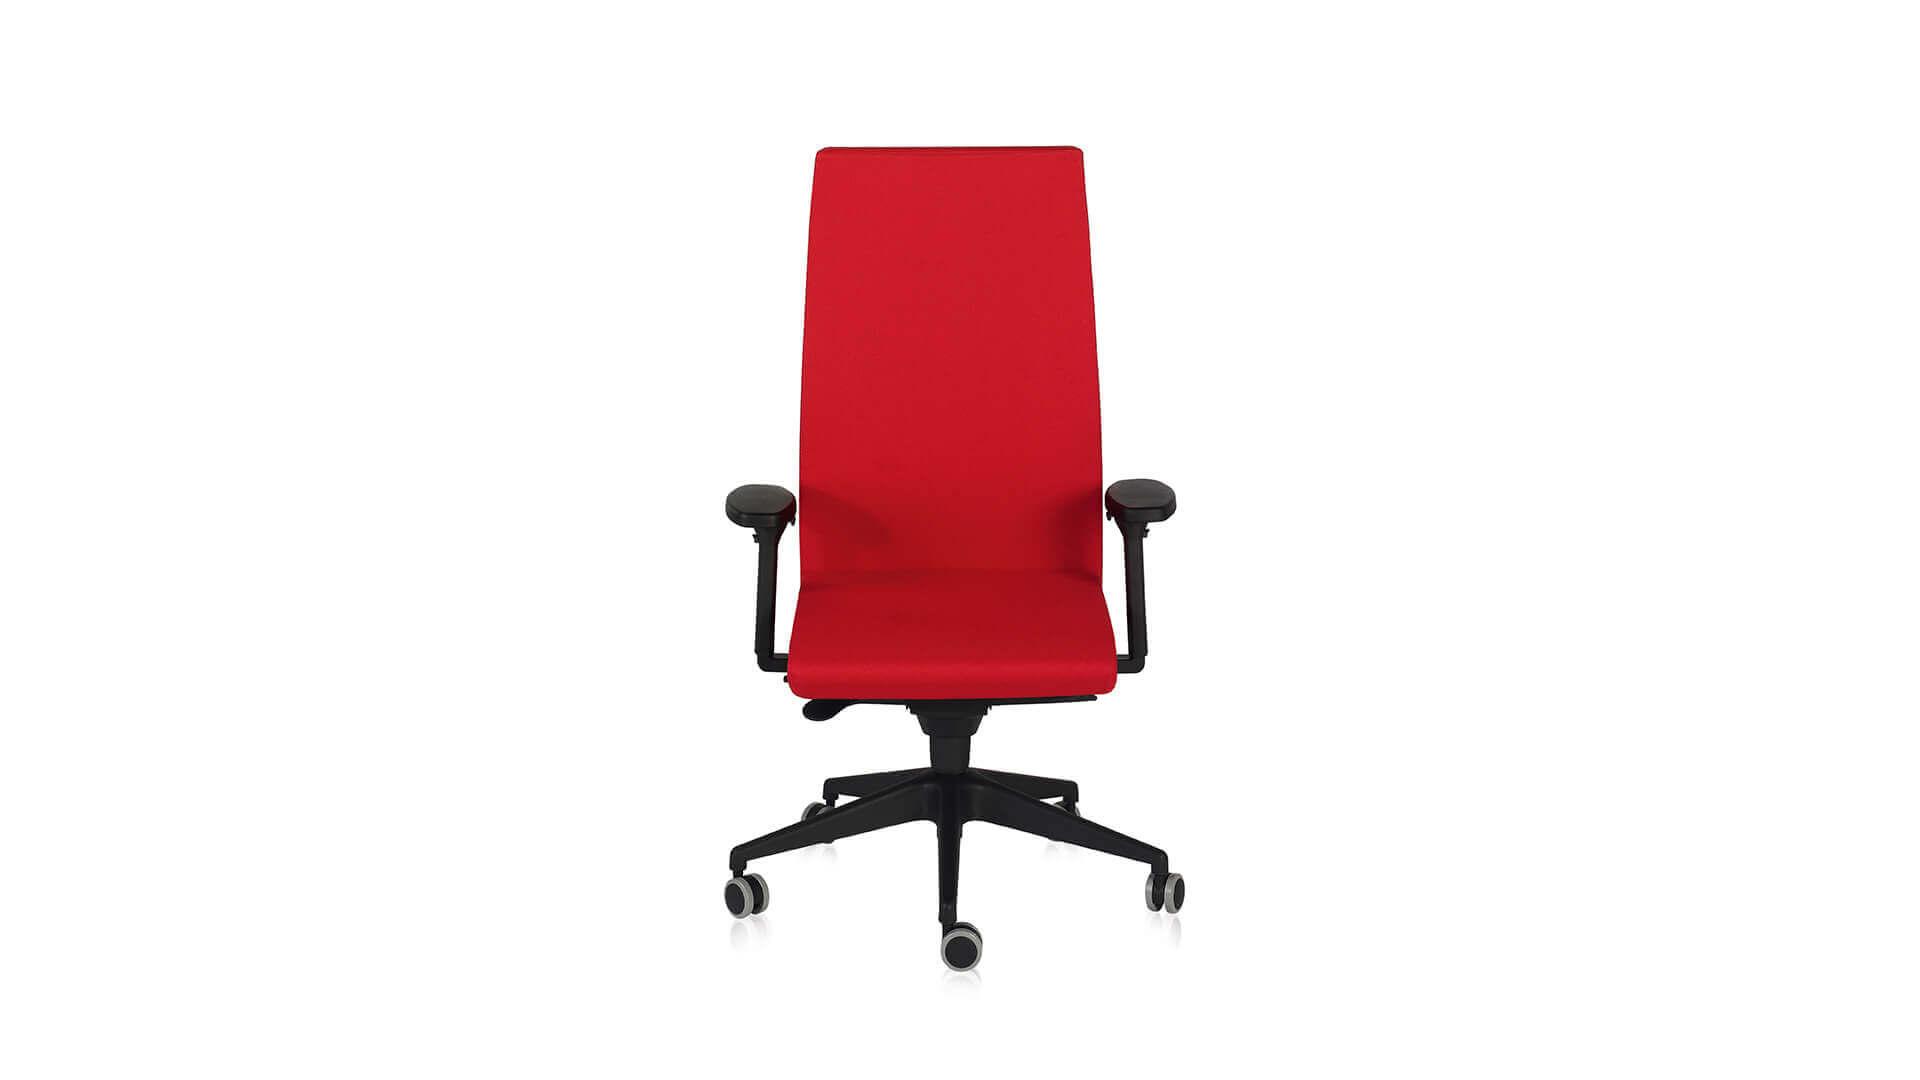 Silla dirección Neo+ roja ergonomica